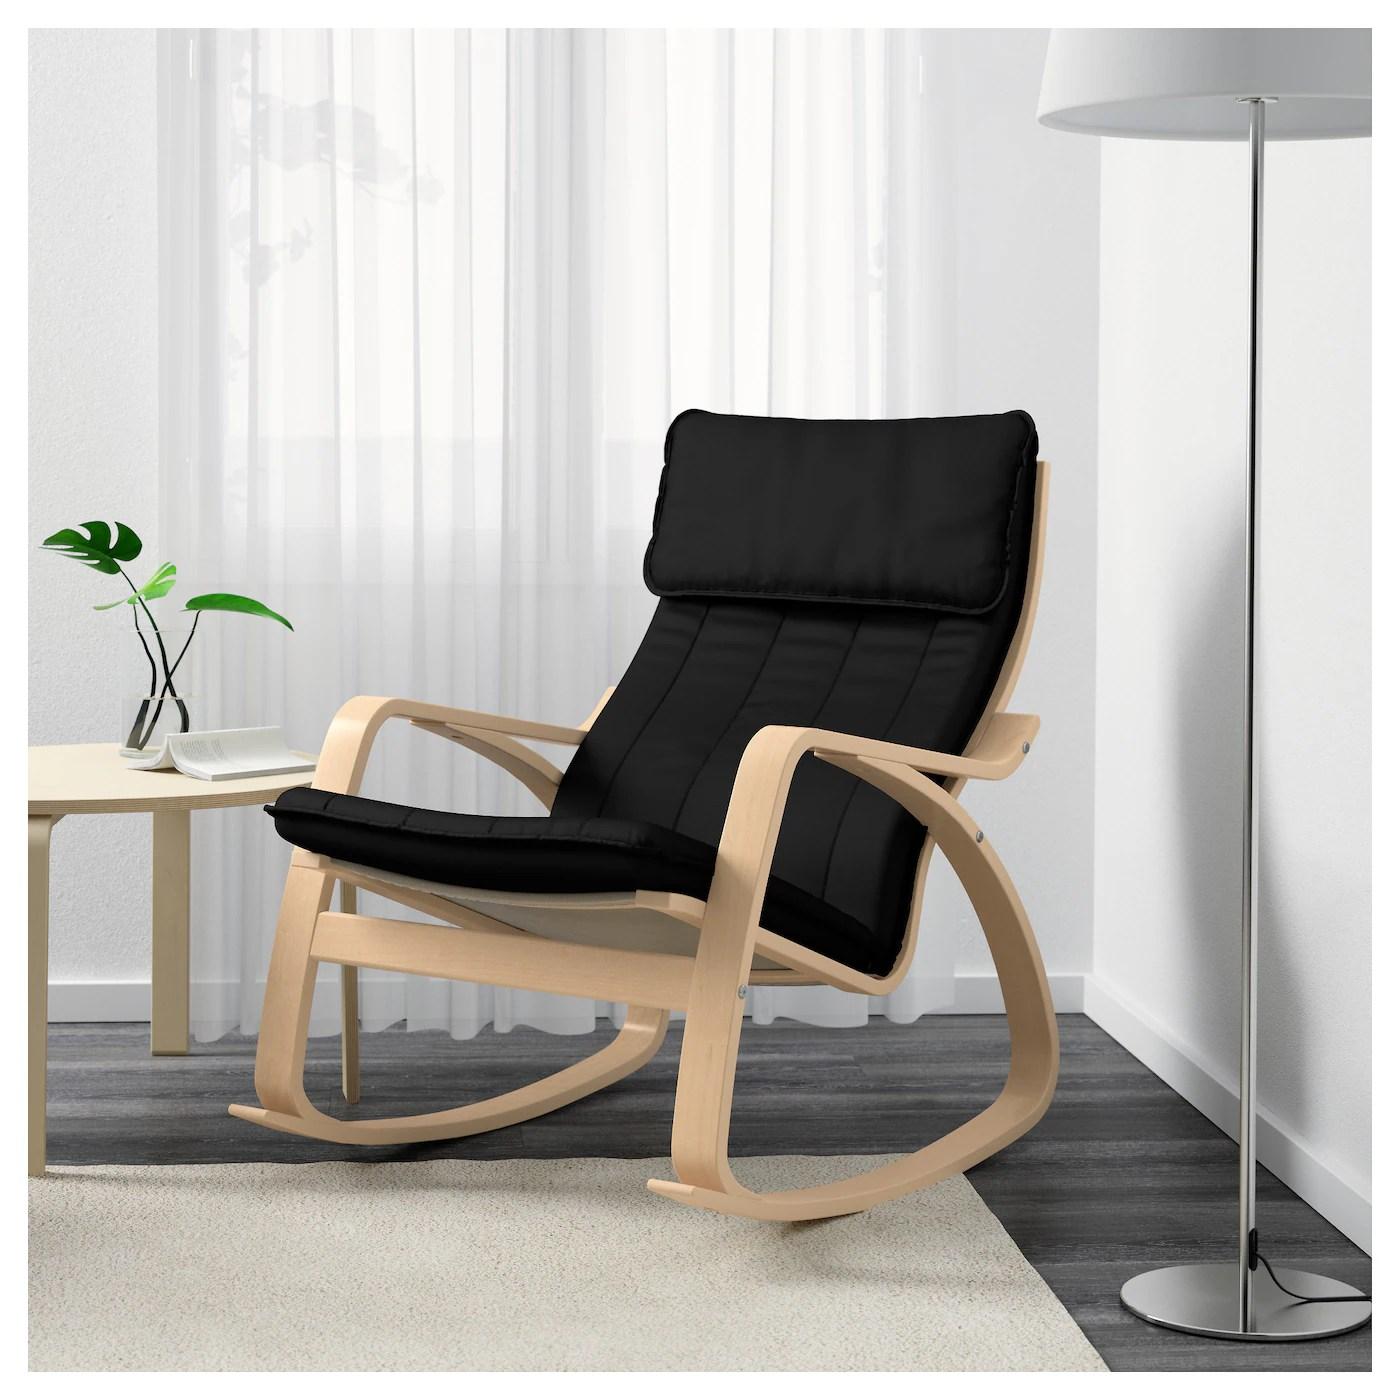 ikea poang rocking chair hanging outdoor chairs australia poÄng birch veneer ransta black